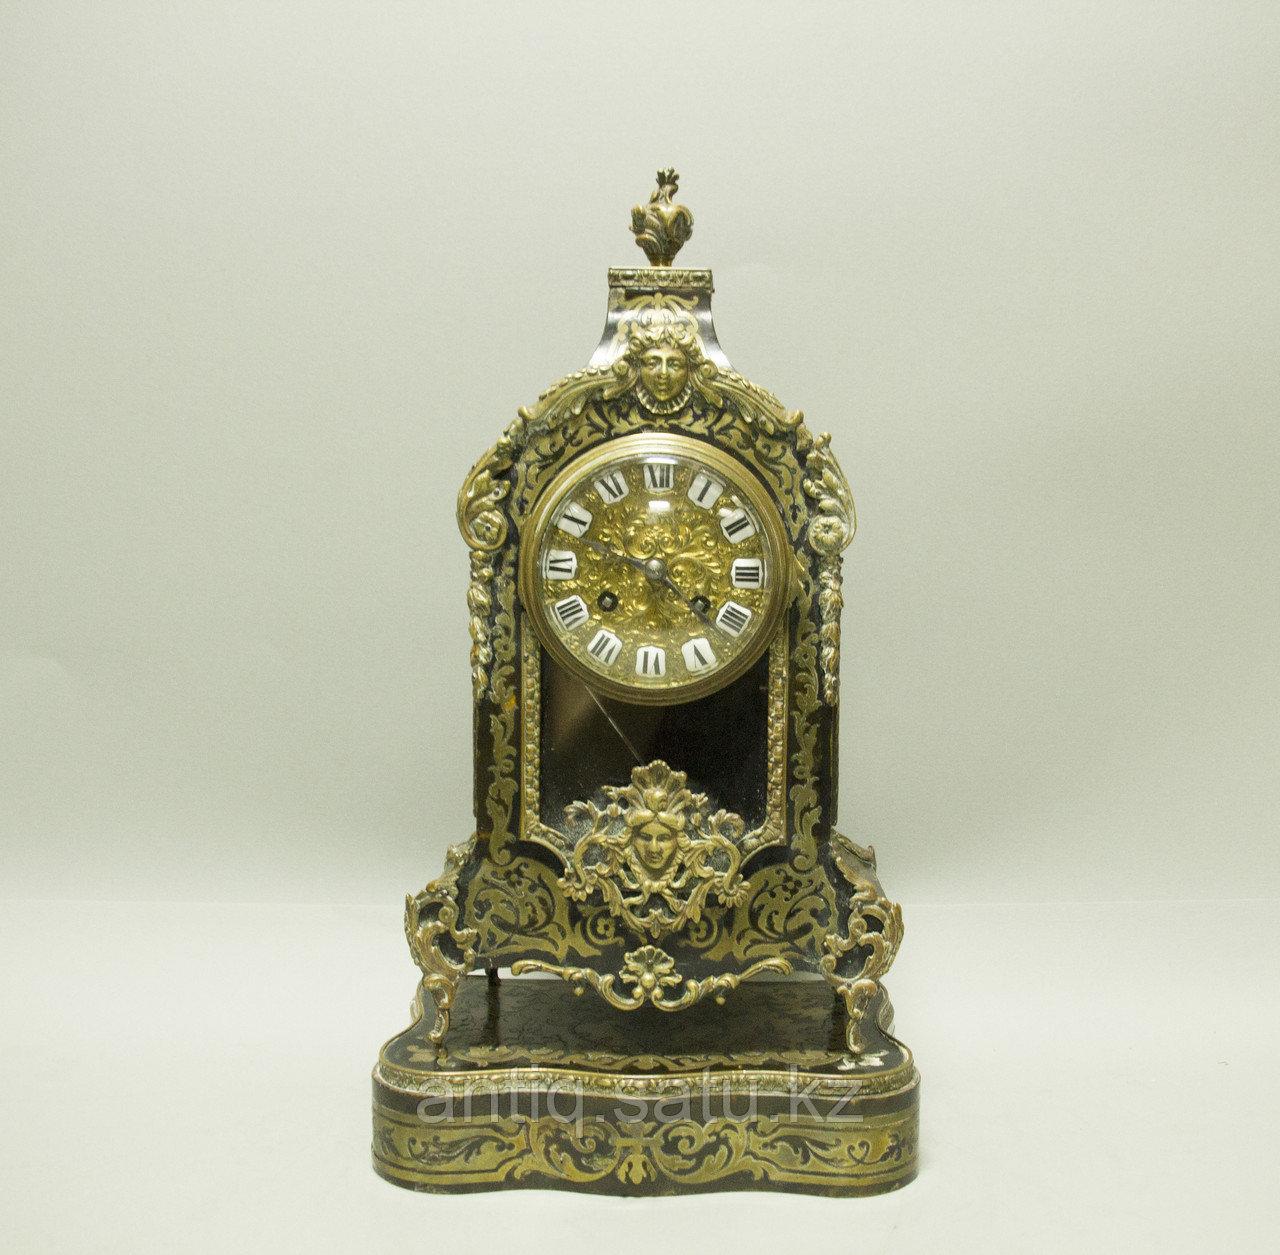 Кабинетные часы в стиле Людовика XIV - фото 1